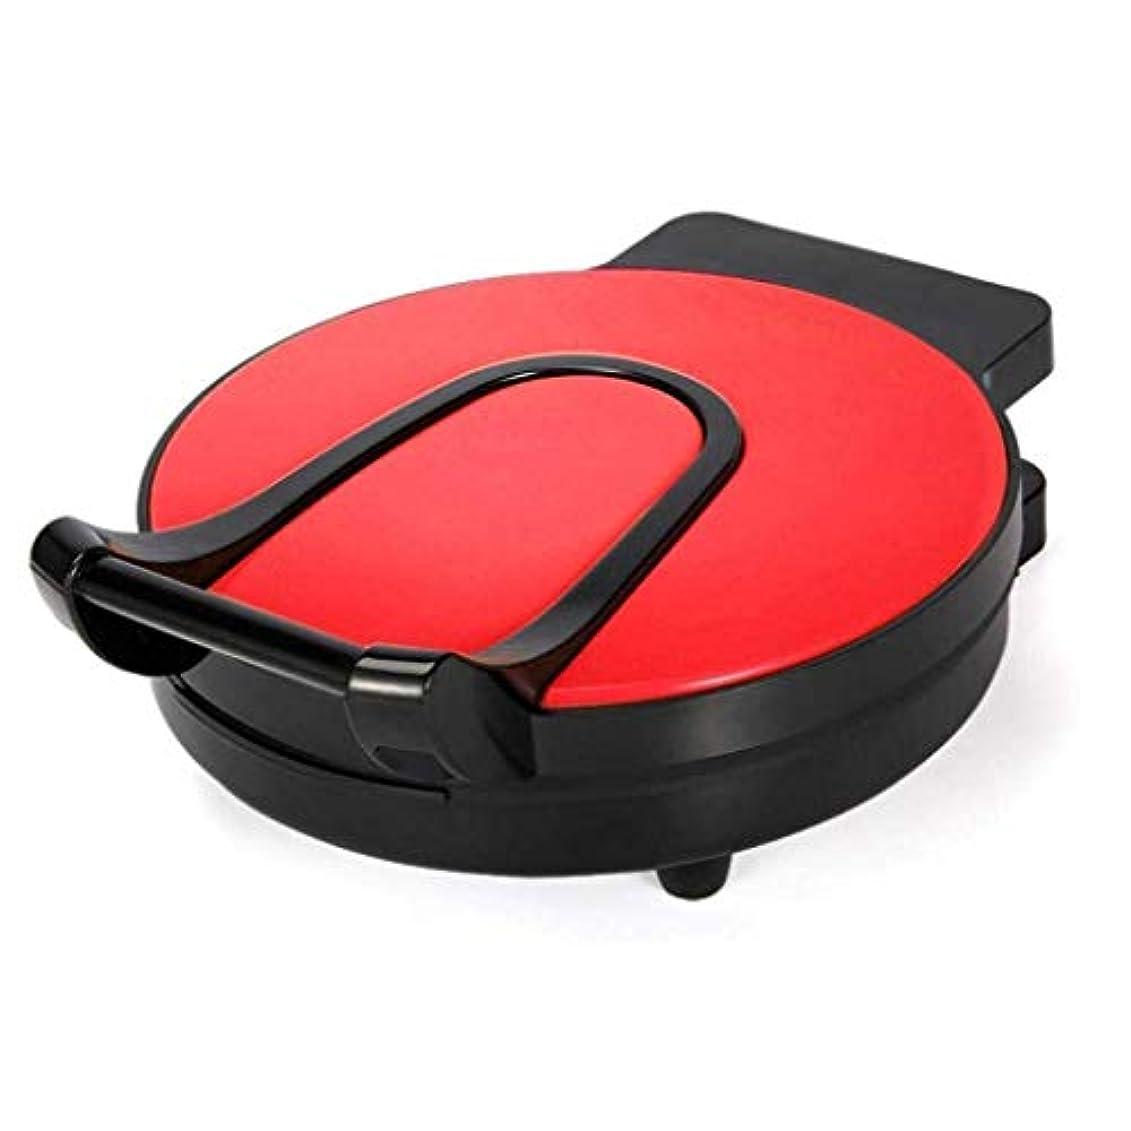 聖域ヒール社交的SHAAO 電気ベーキングパン、浮動両面調理キッチンディナーパーティーキャンプフェスティバルのための家庭自動電気ベーキングパン (Color : Red)